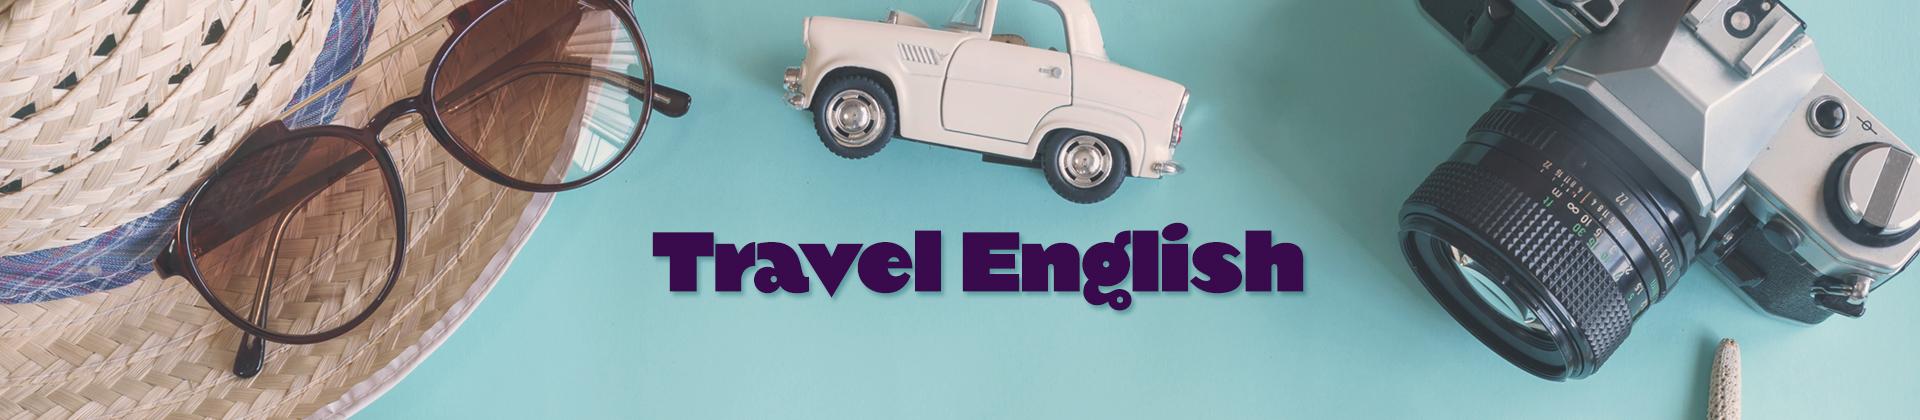 Travel English angielski przed wakacjami